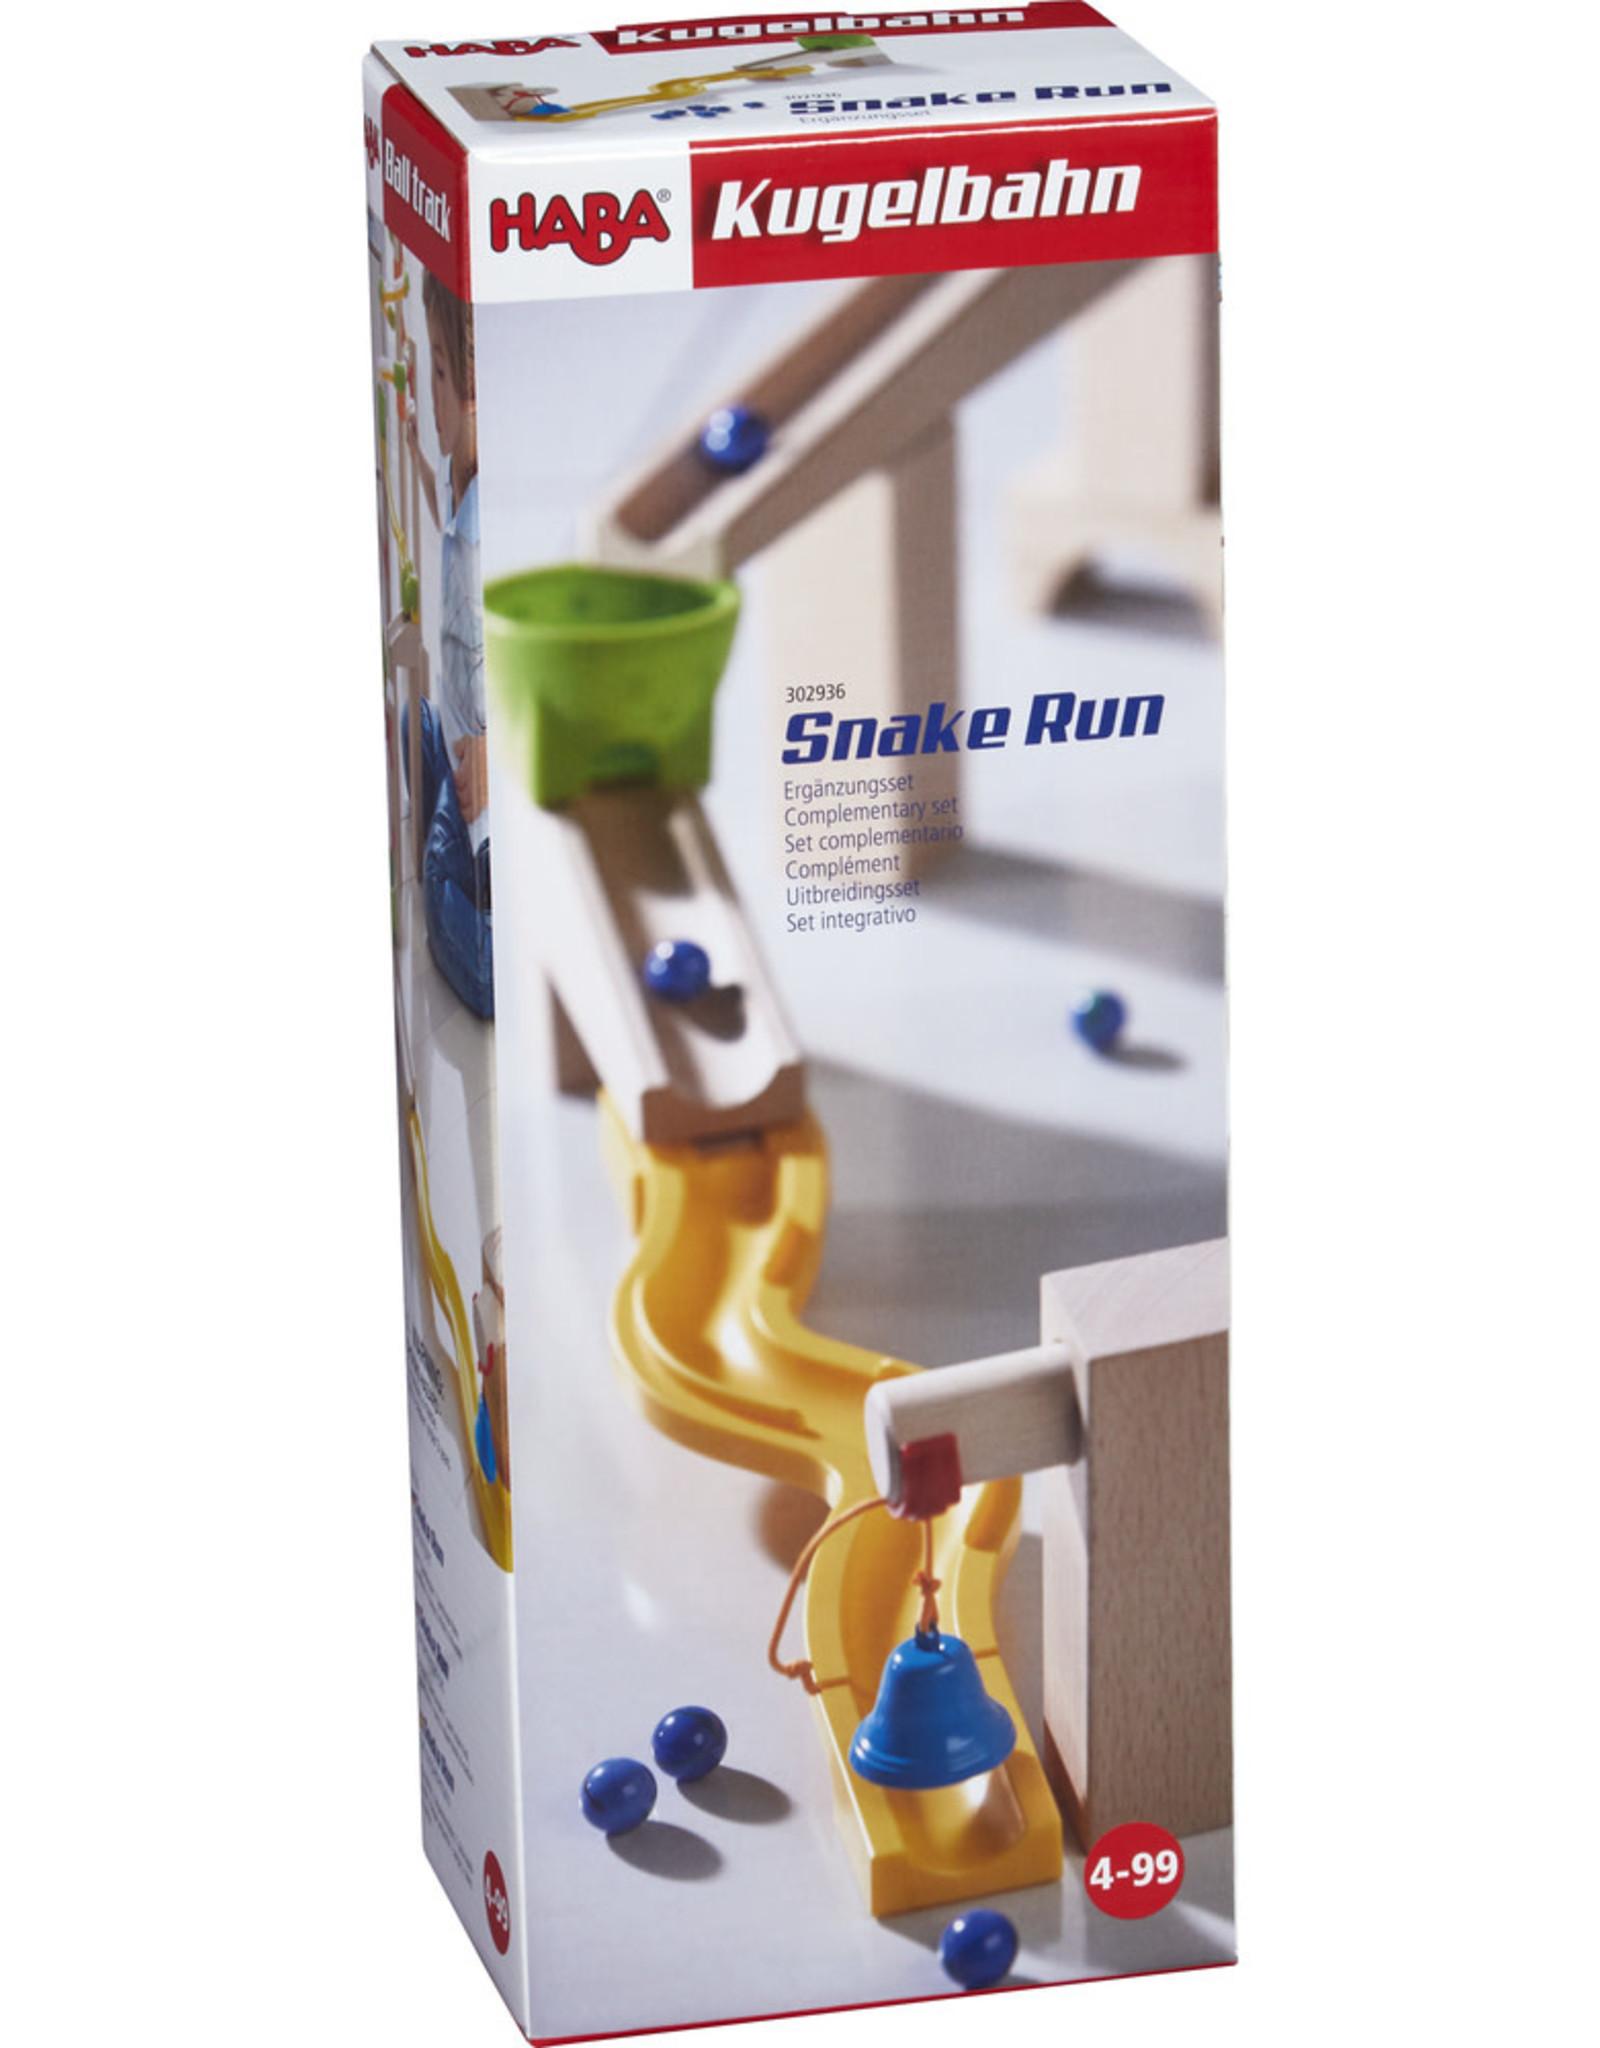 HABA Snake Run